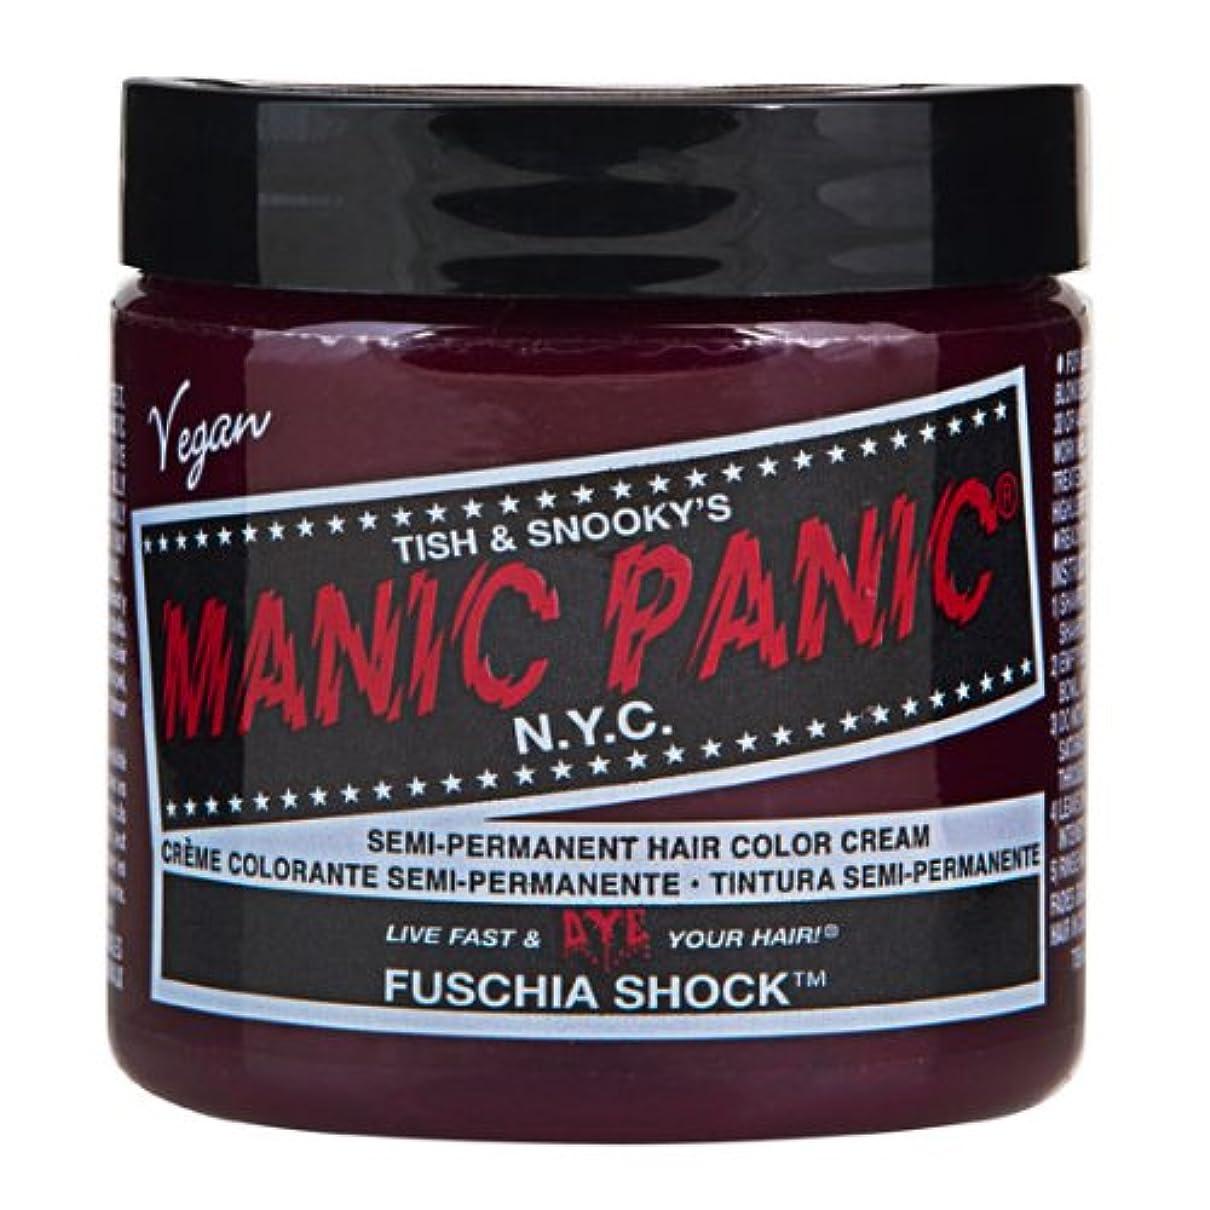 ところで毛皮おとなしいスペシャルセットMANIC PANICマニックパニック:Fuschia Shock (フューシャ?ショック)+ヘアカラーケア4点セット